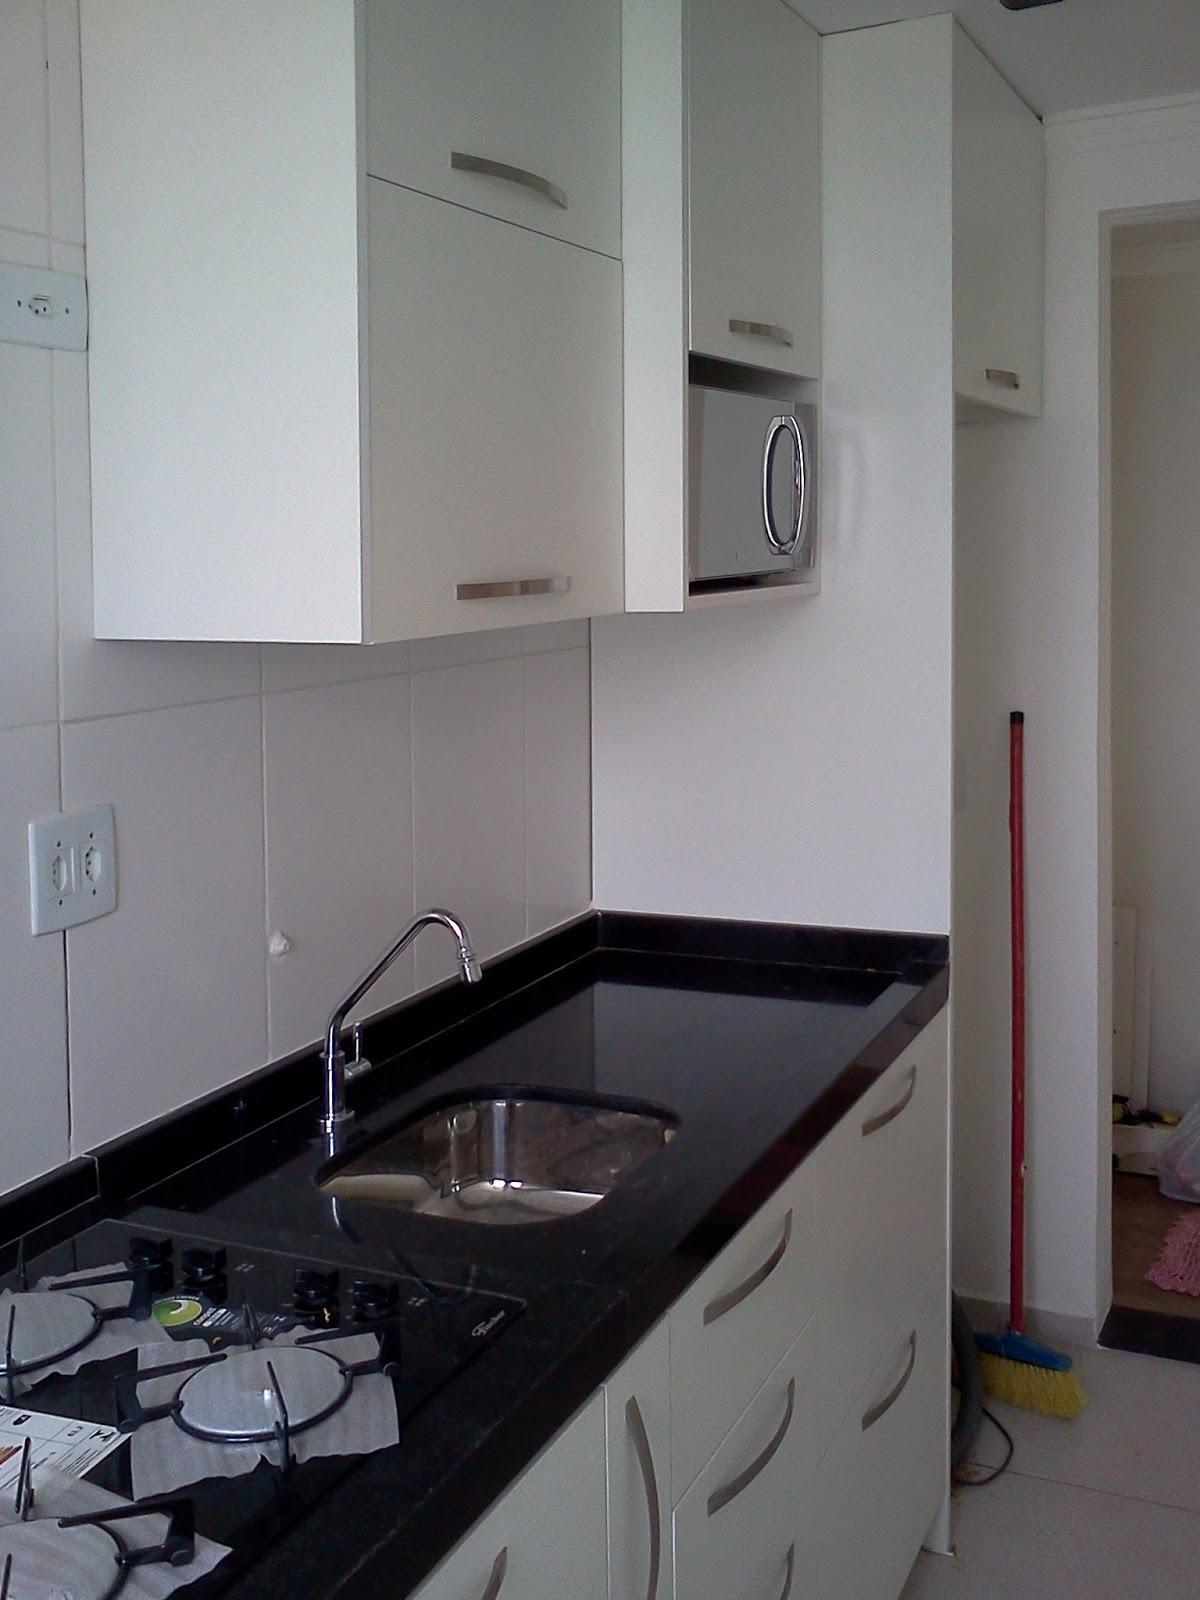 Cozinha apartamento MRV #594B49 1200 1600